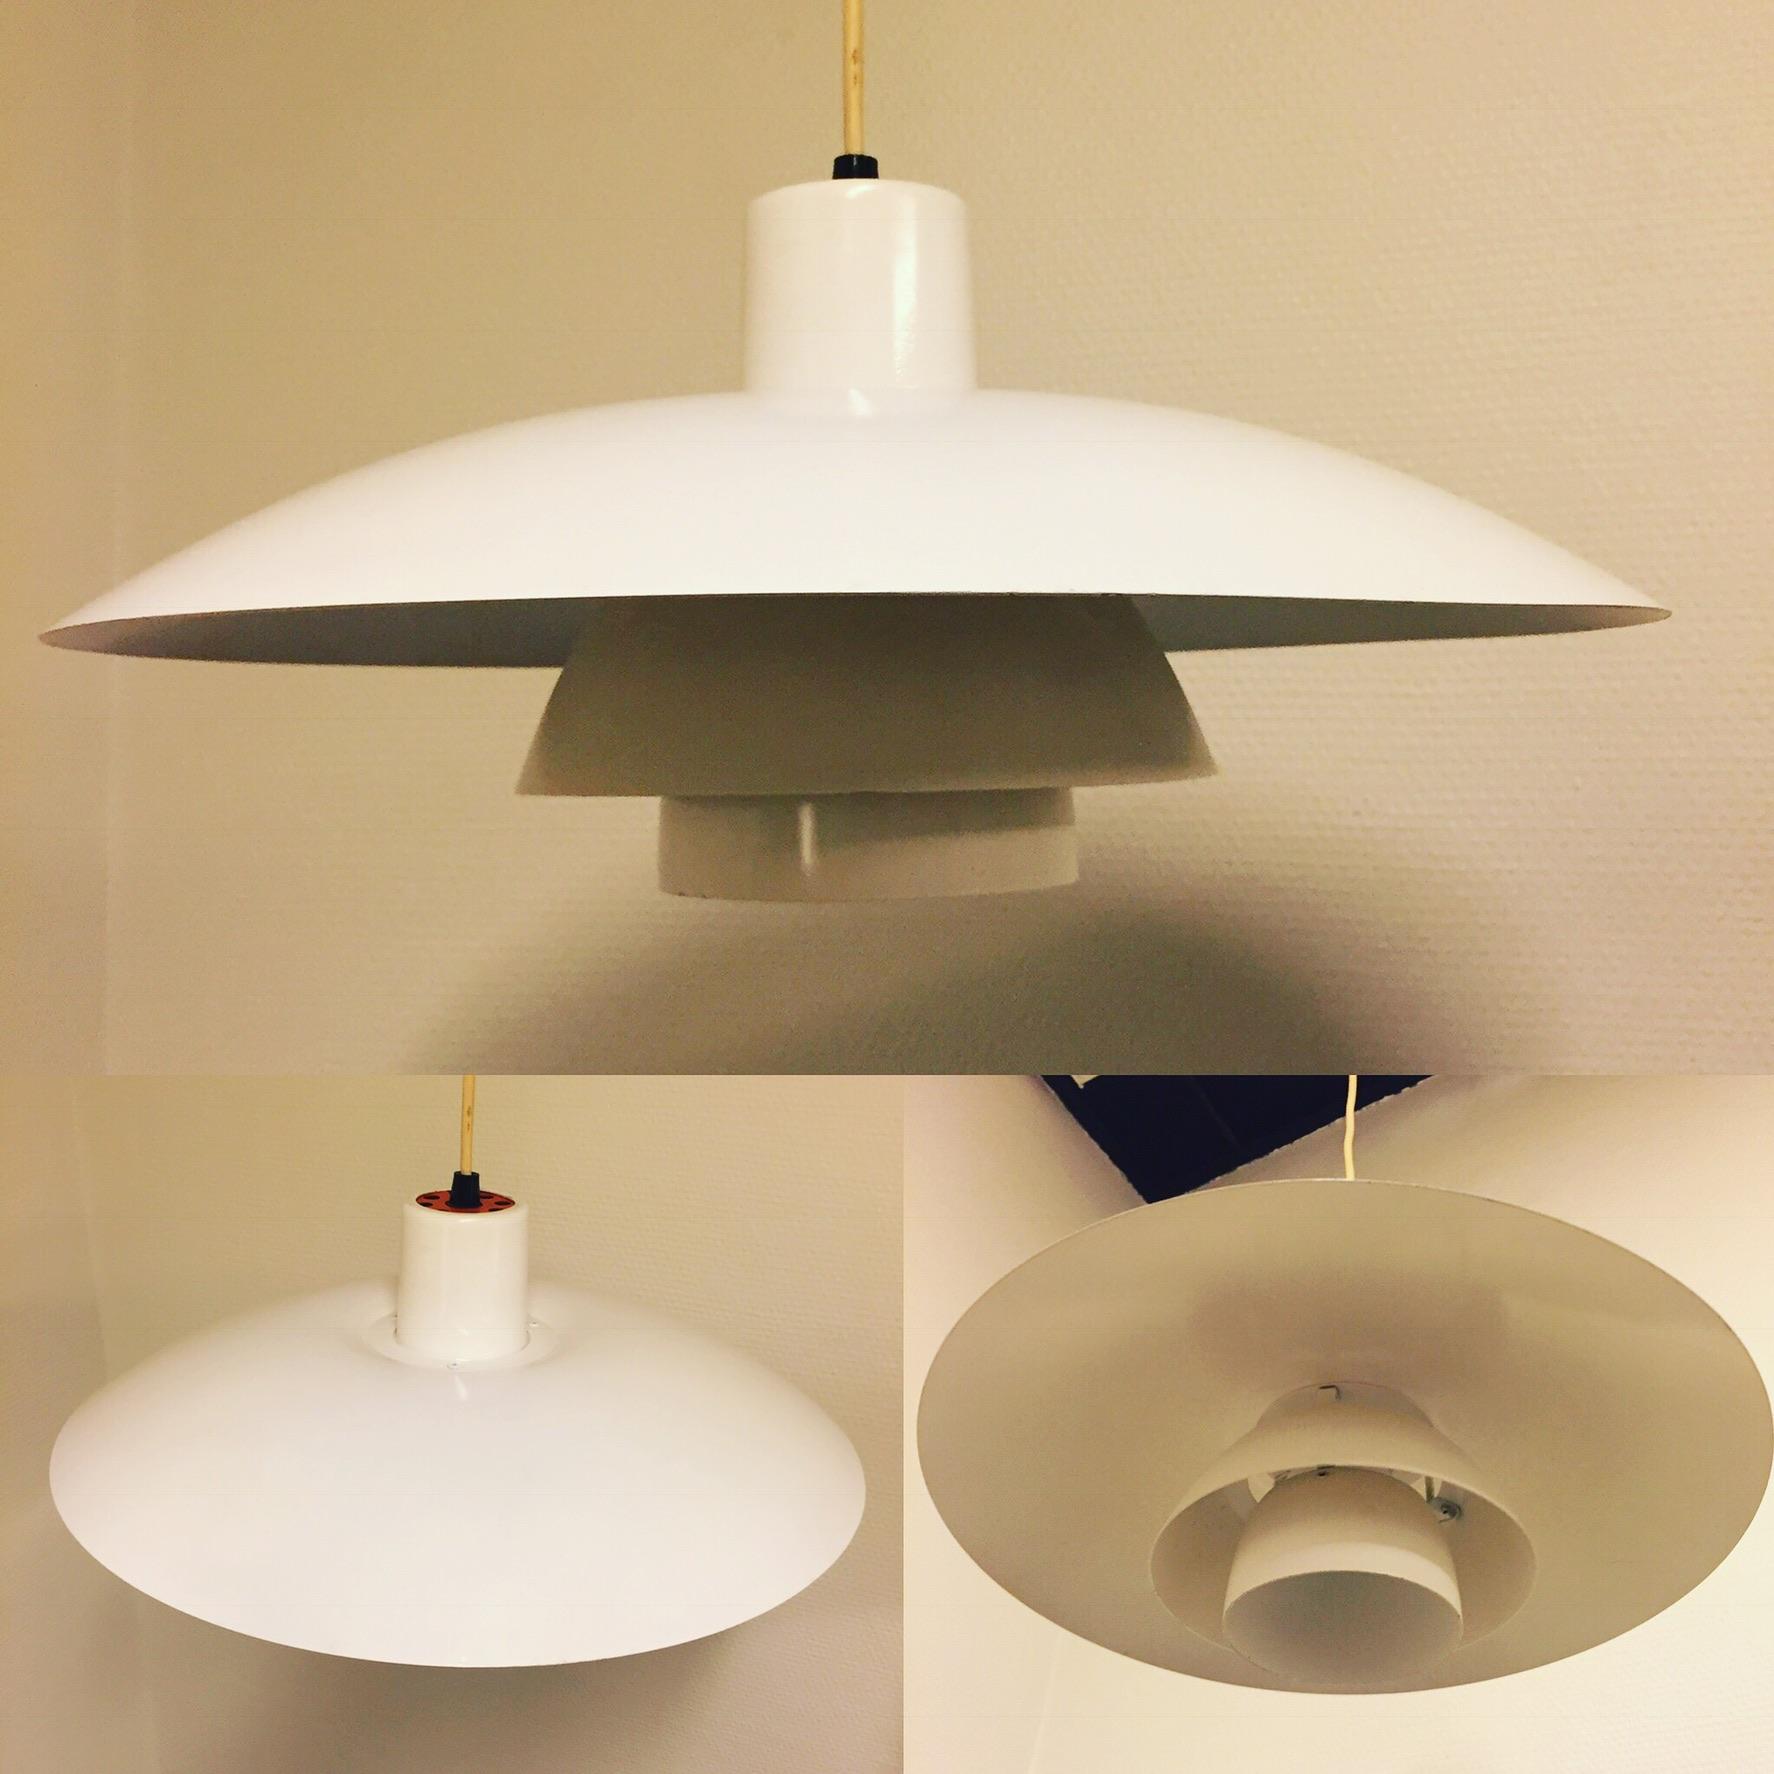 Hvid PH 4 Pendel Uden Skævheder Og Buler. Lampen Er Blevet Efterlakeret.  Kr. 750,